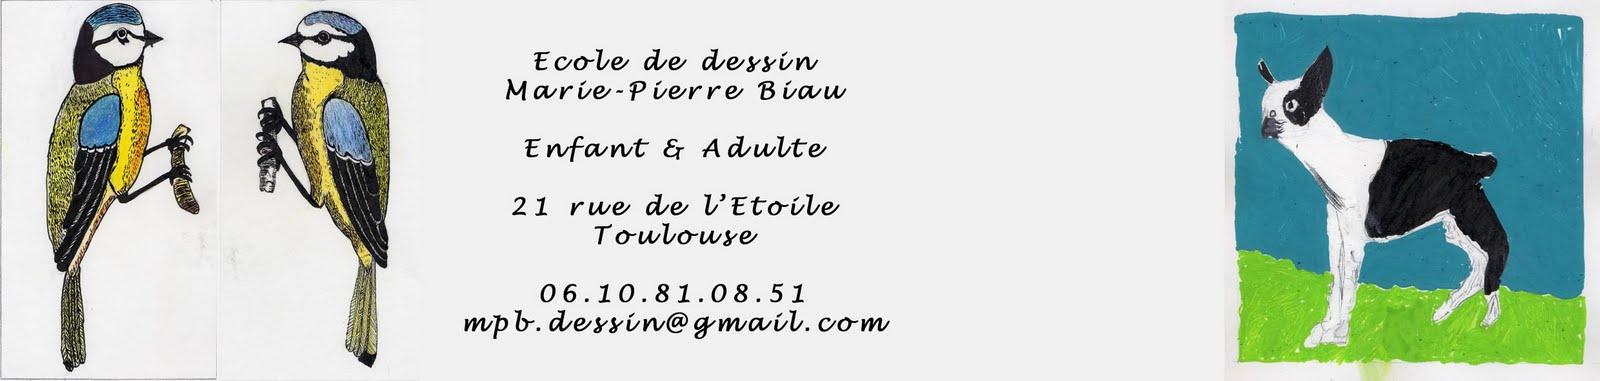 Ecole de dessin Marie-Pierre Biau